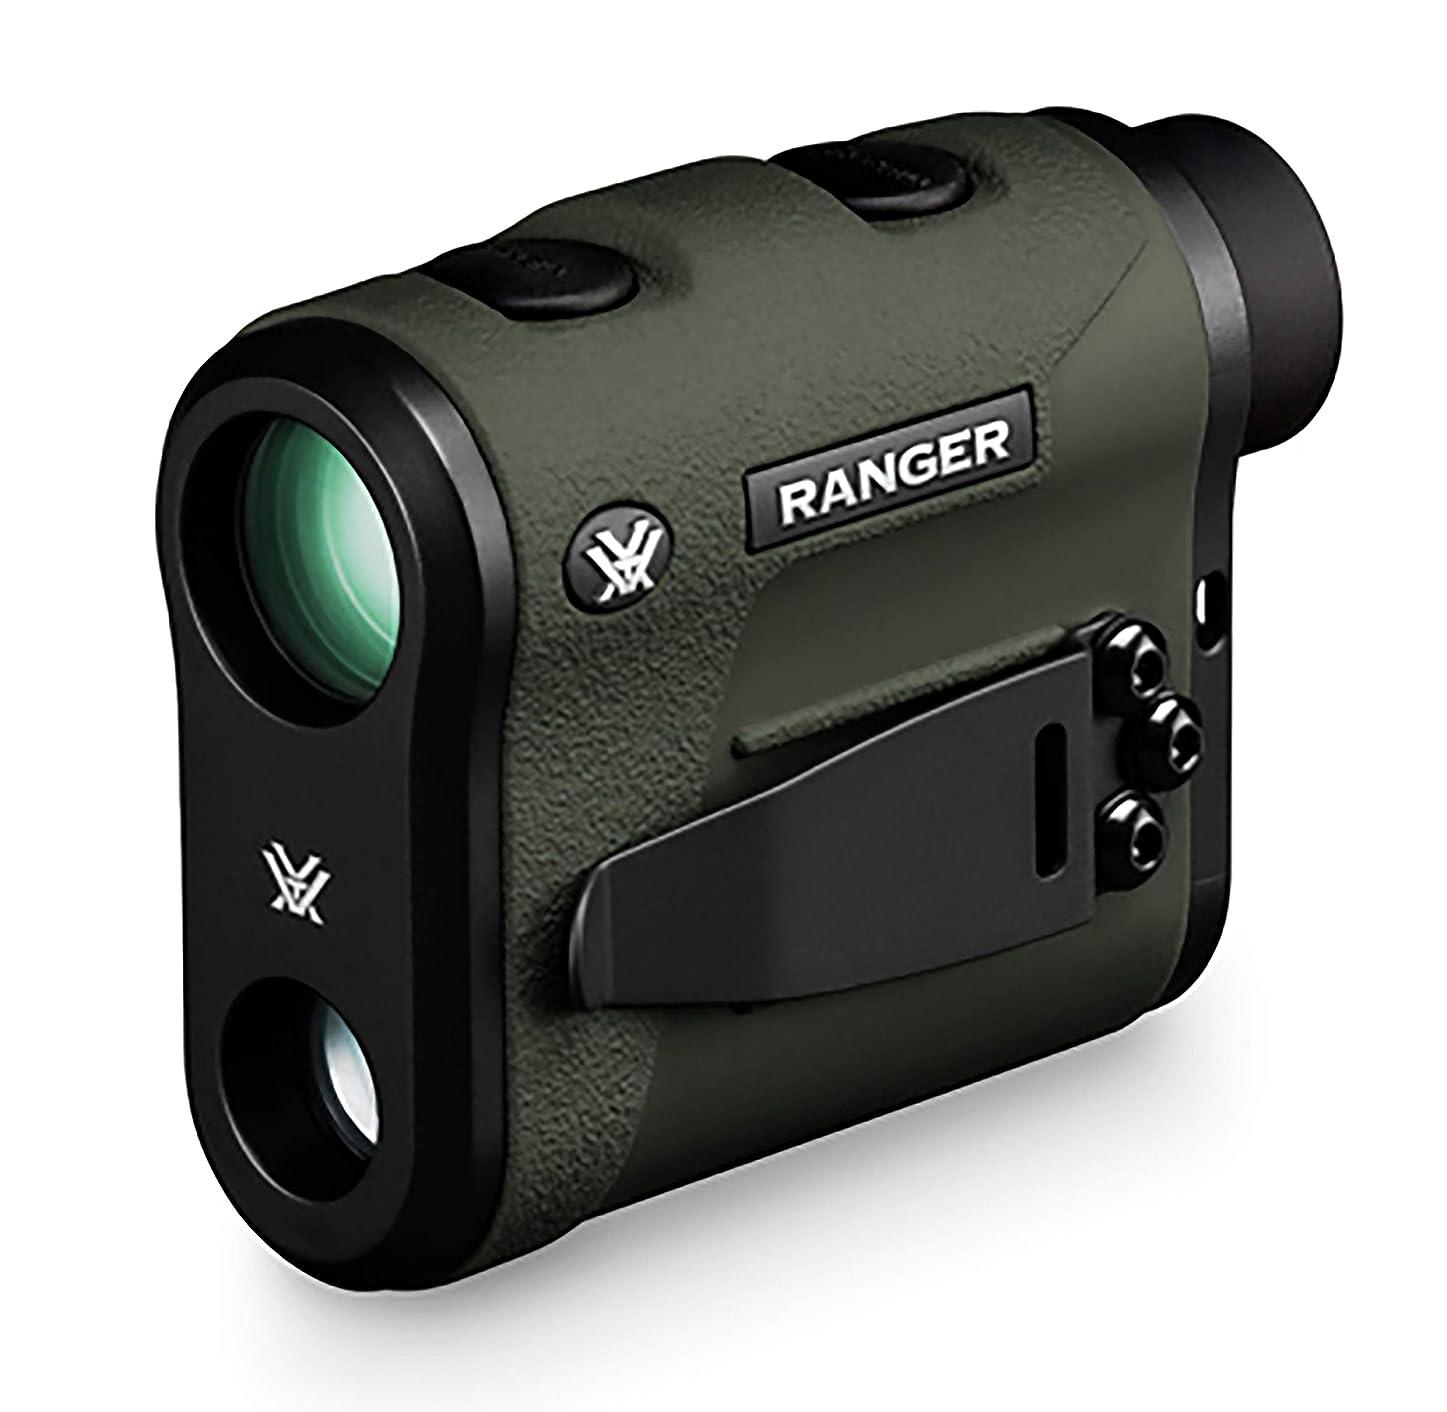 によって発掘する羊飼いRanger 1800 Laser Rangefinder